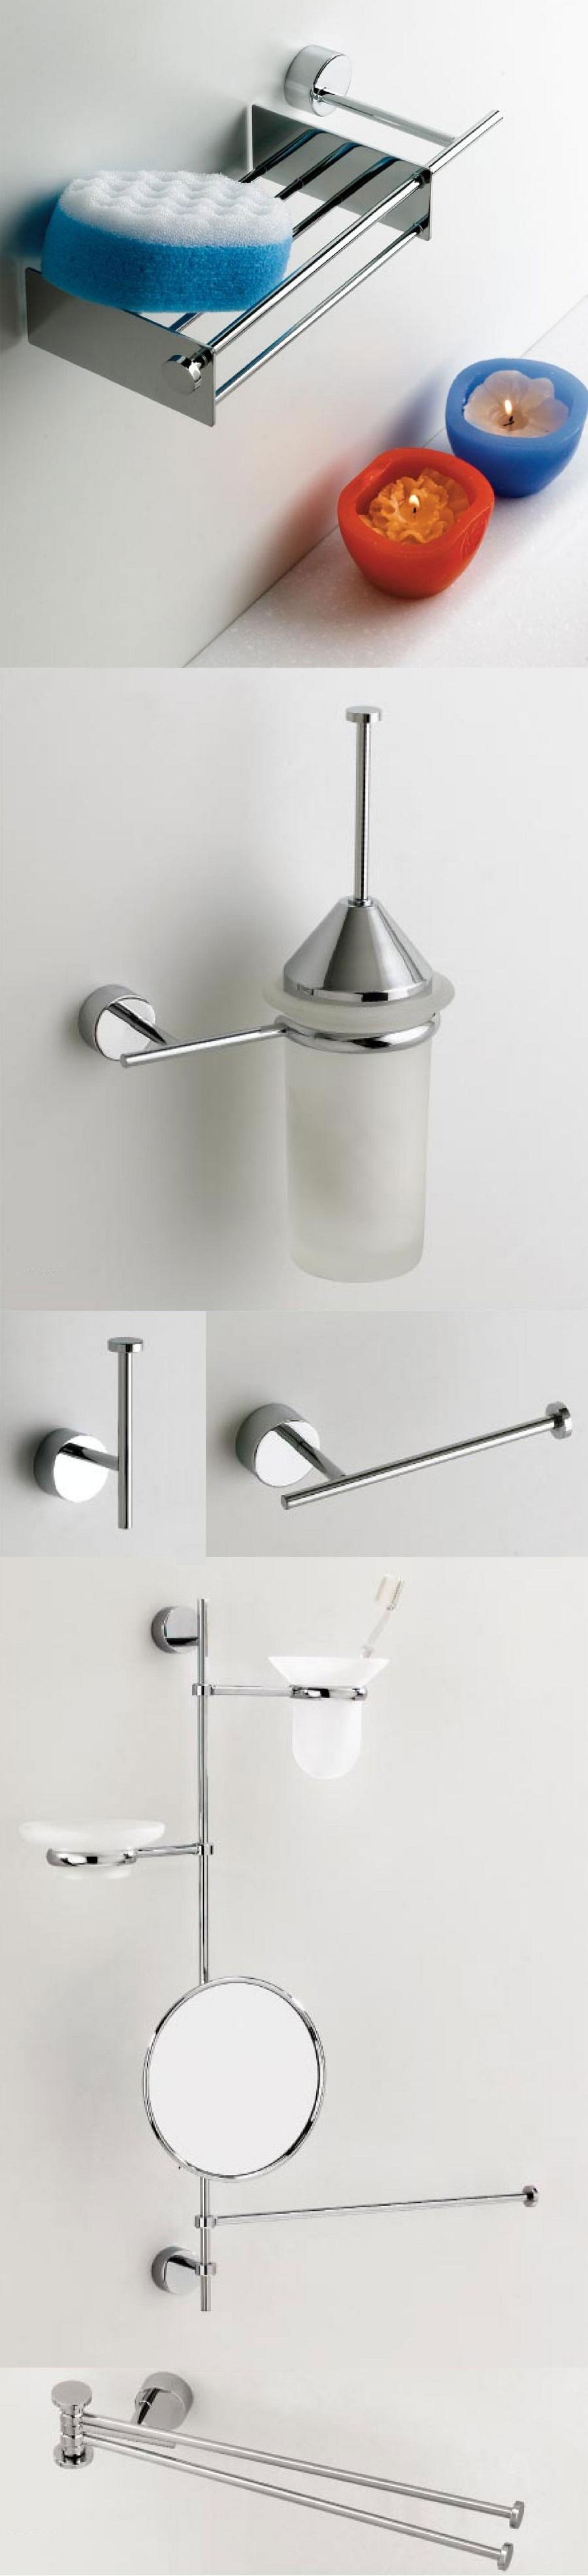 Pensile accessori arredo bagno design moderno angolare for Accessori bagno design moderno